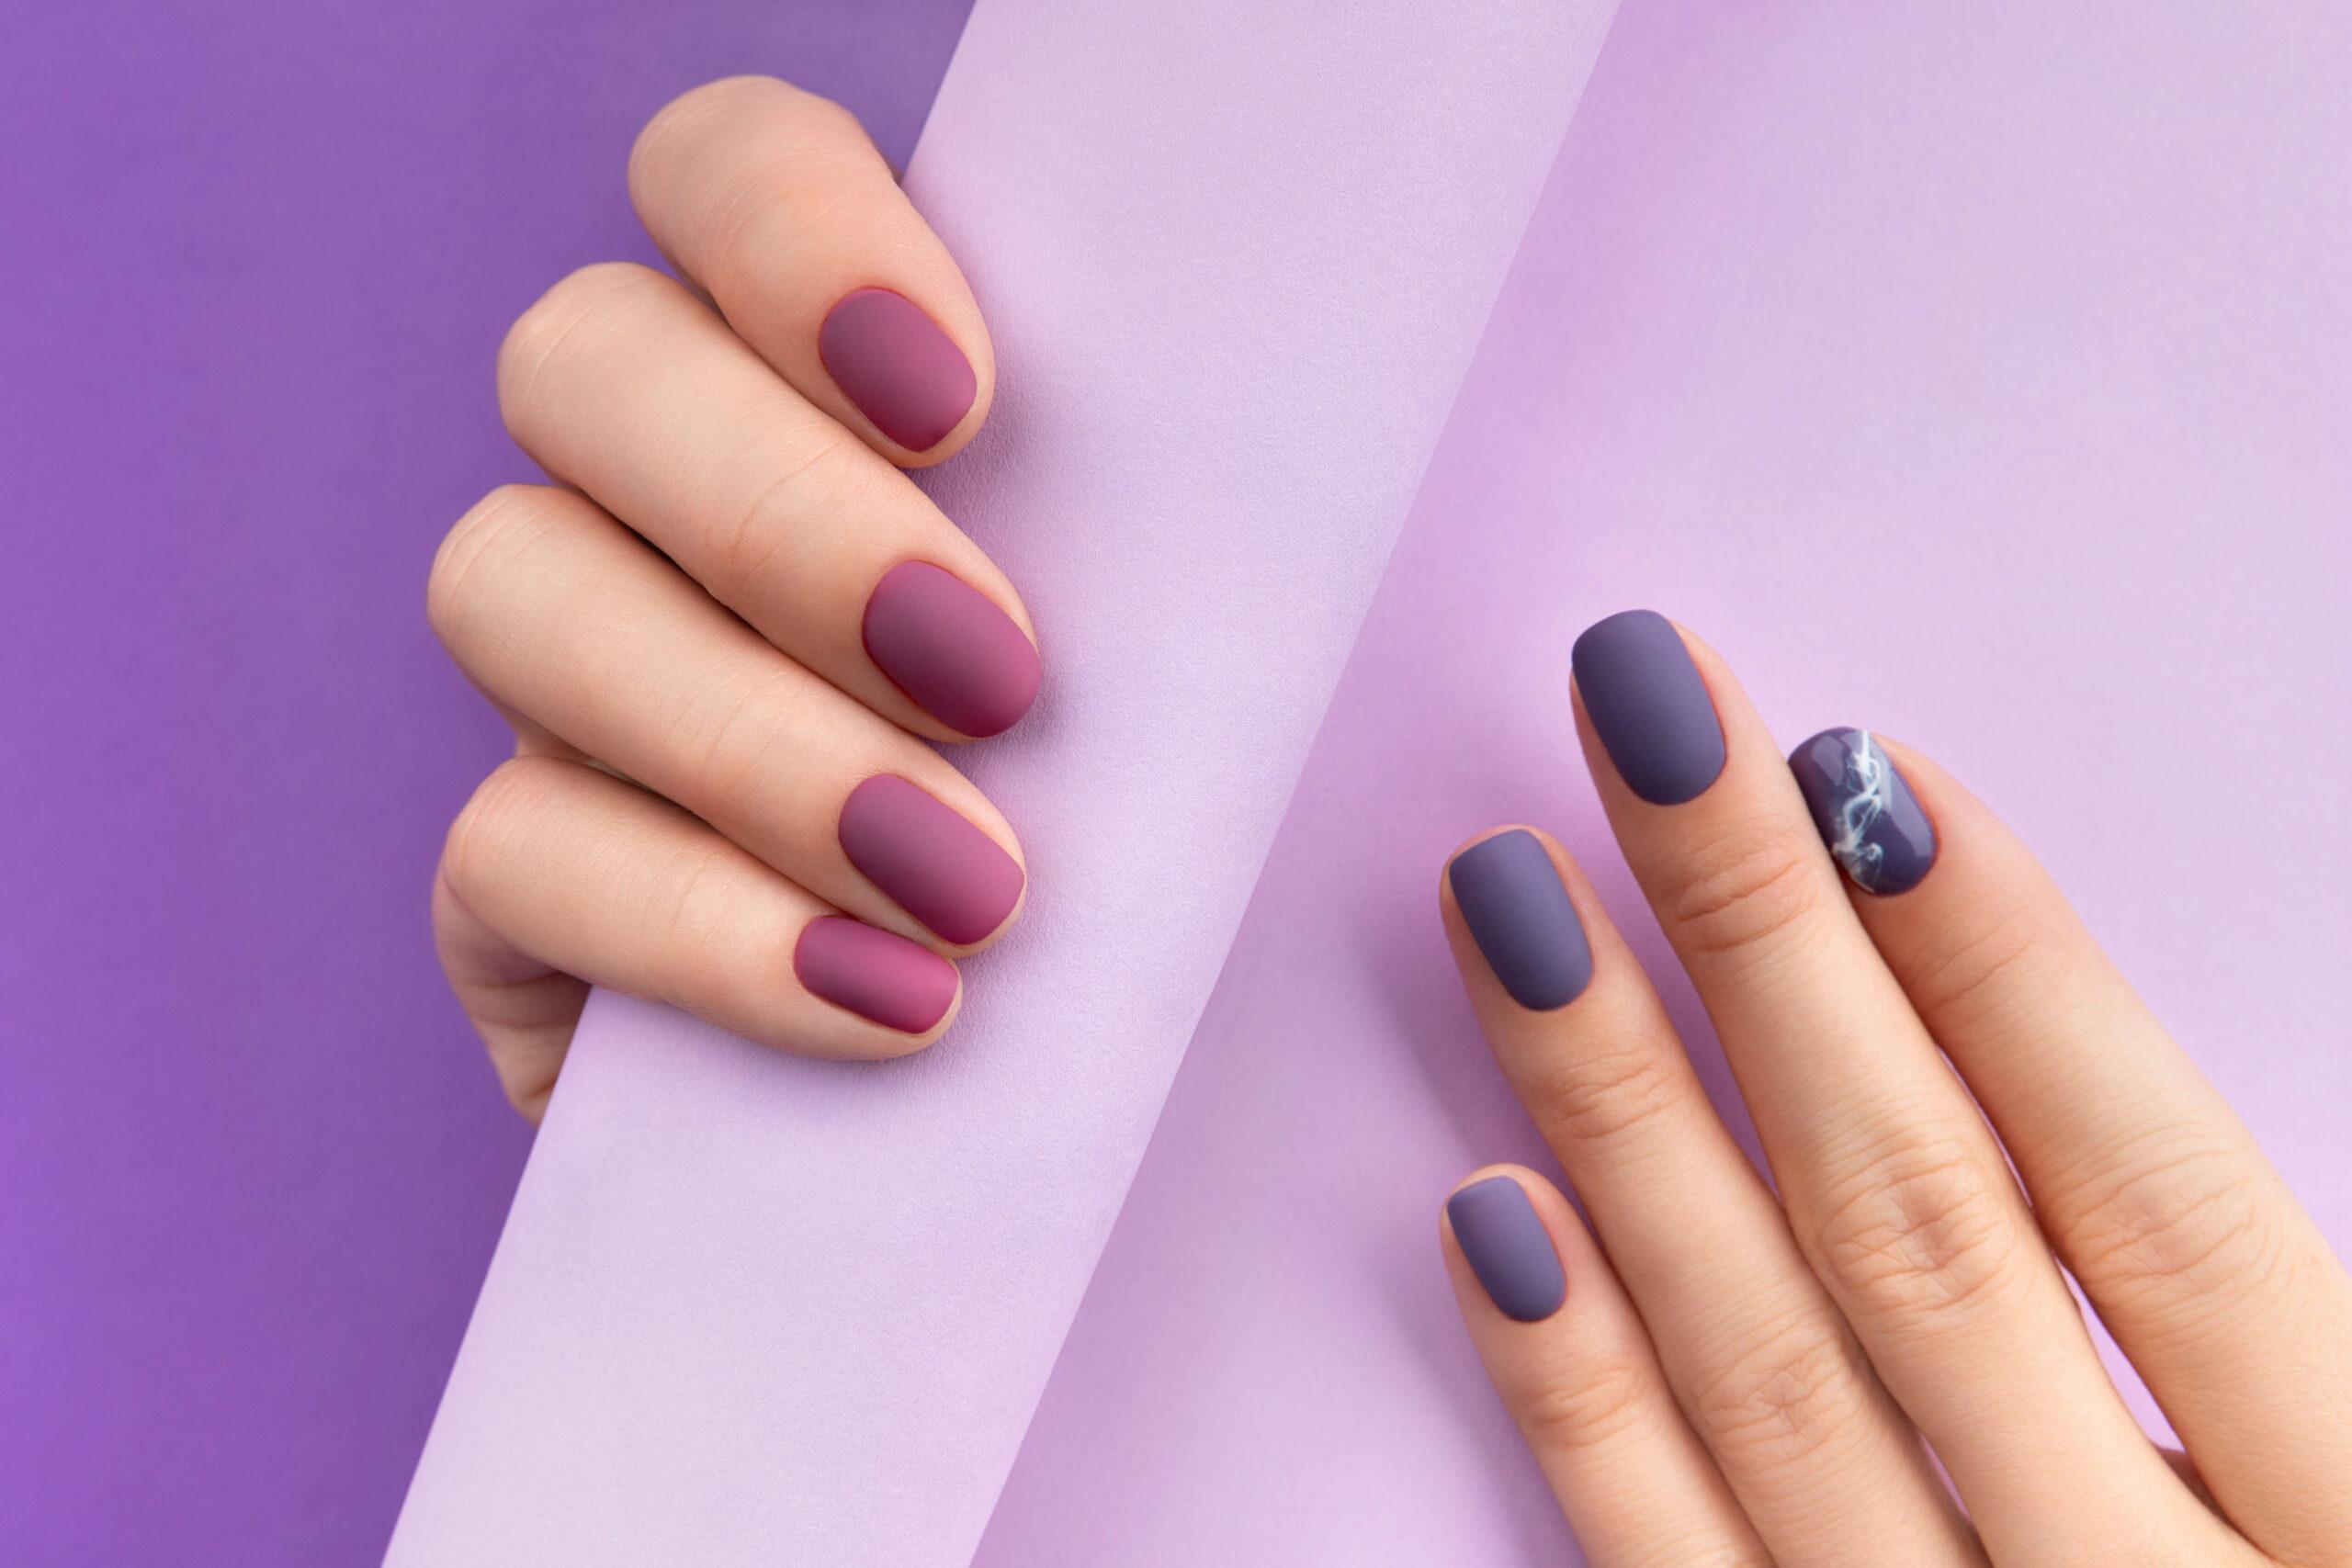 fioletowe paznokcie na ślub w wersji matowej